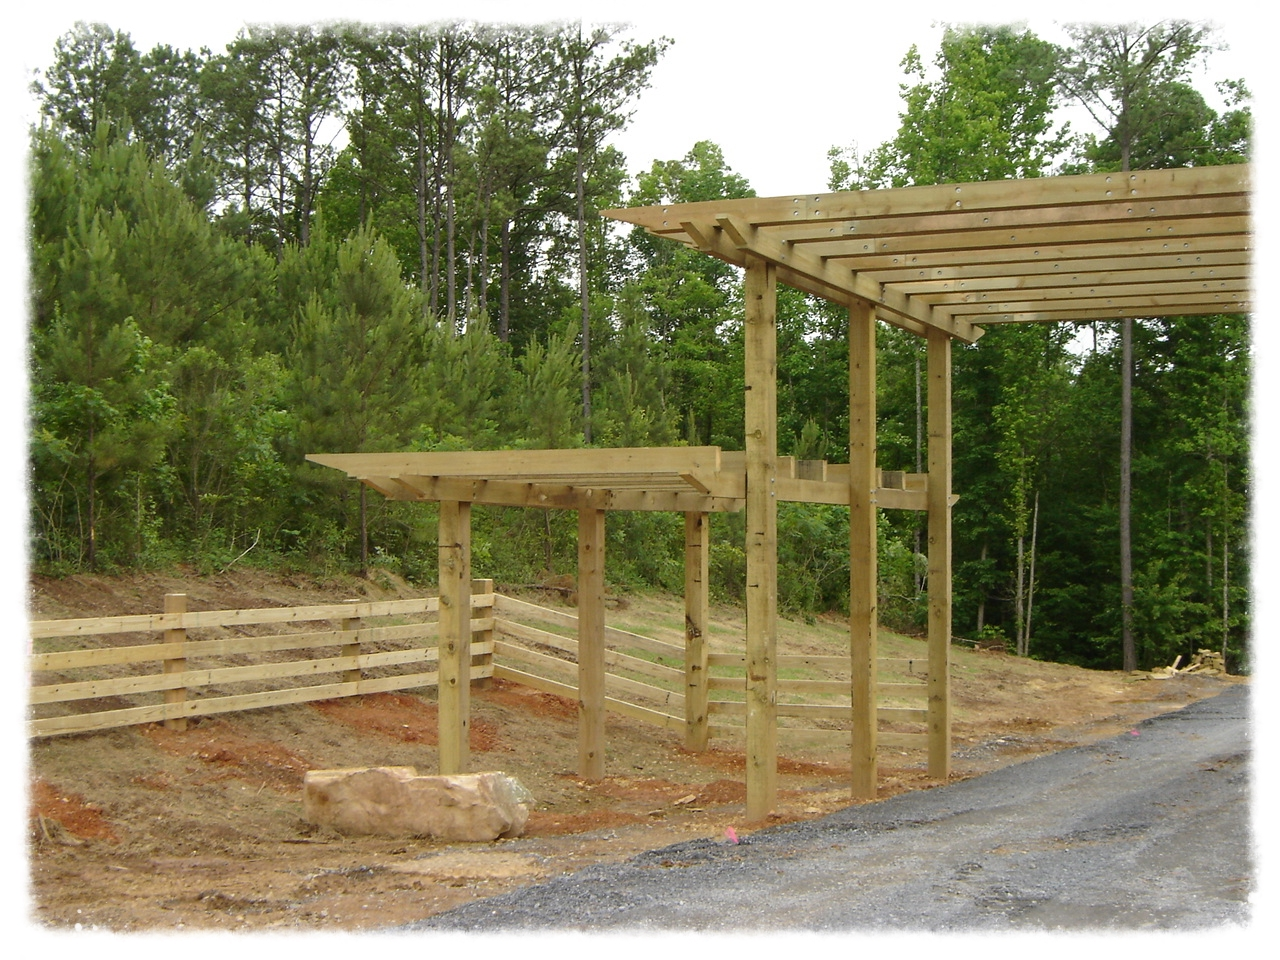 Pergola and Wood Fence